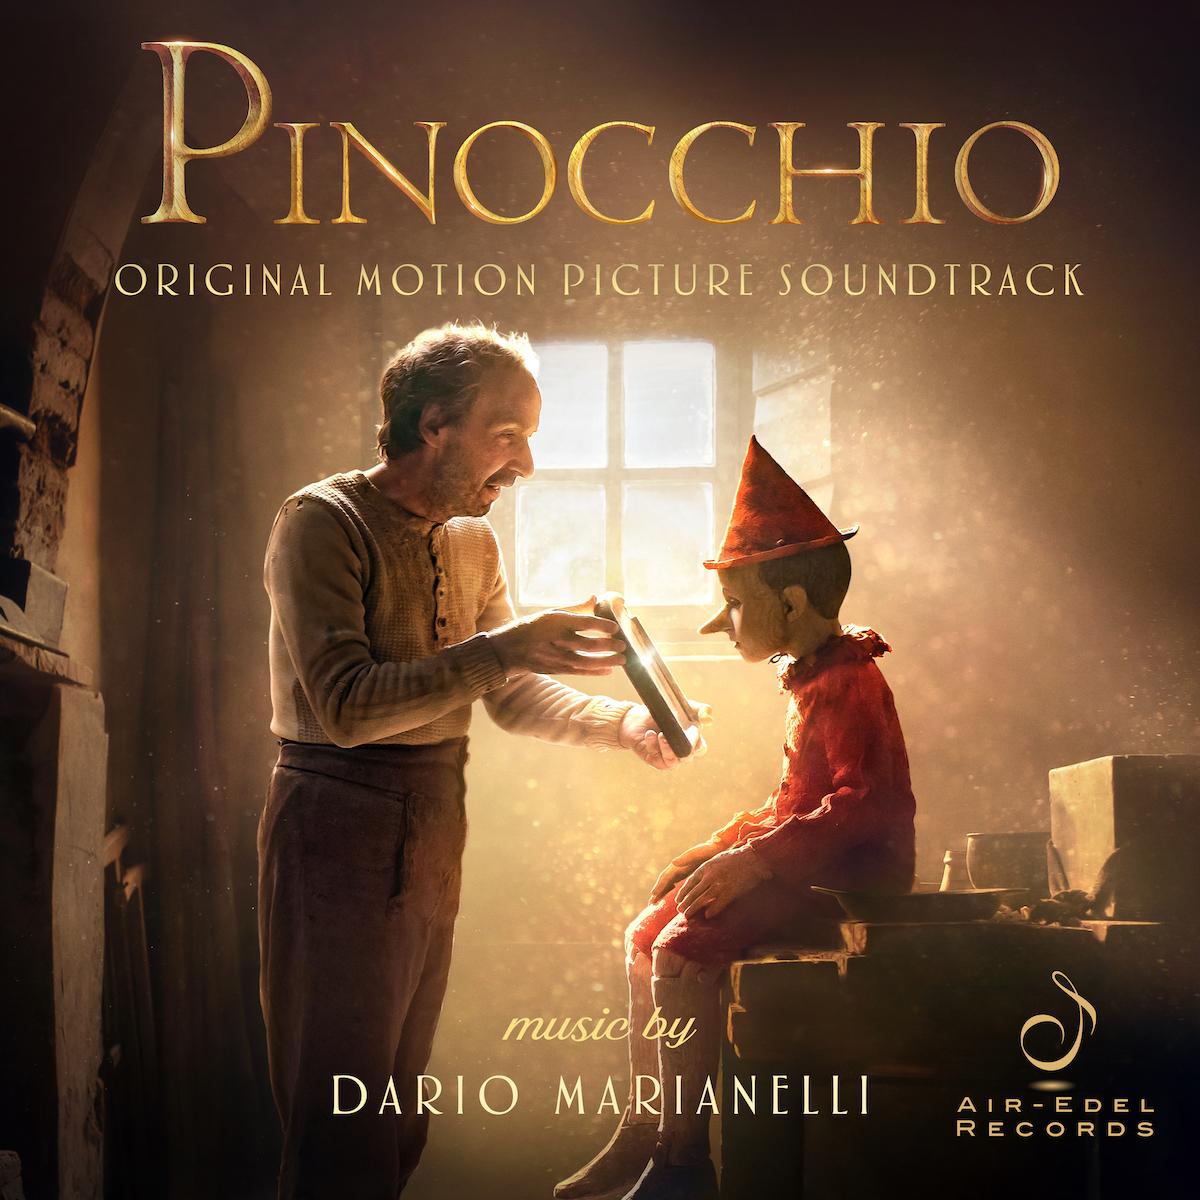 Pinocchio-Dario-Marianelli-Air-Edel